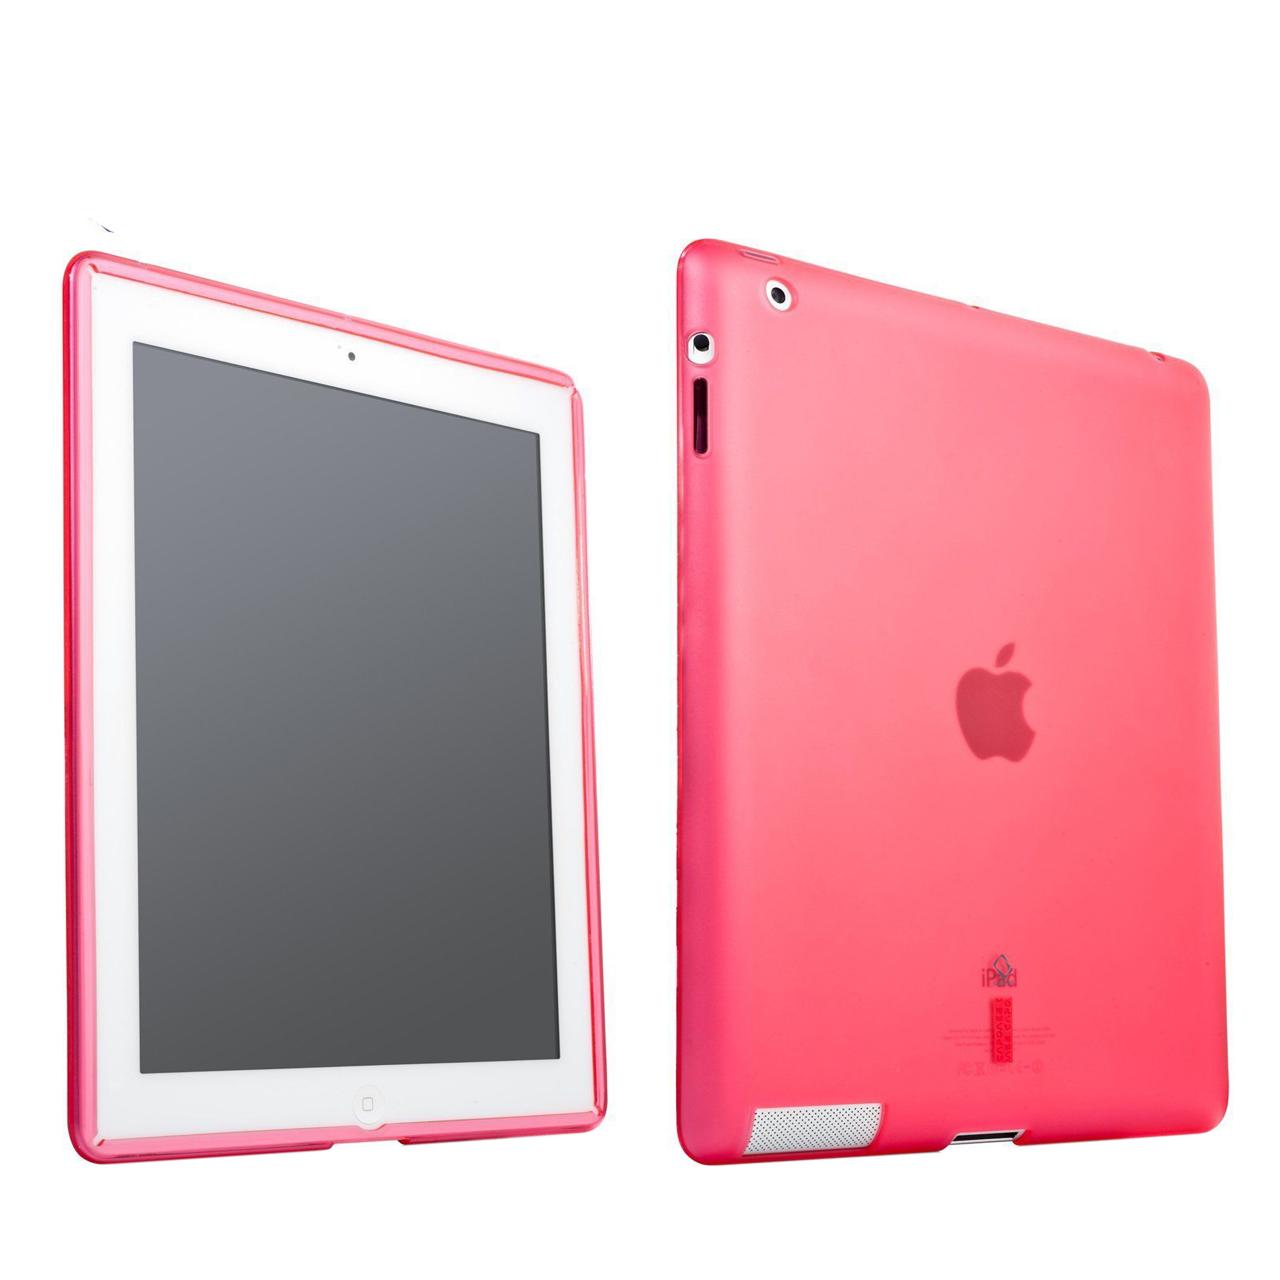 کاور ژله ای کپدیس مدل Xpose مناسب برای تبلت اپل ipad2 به همراه محافظ صفحه نمایش